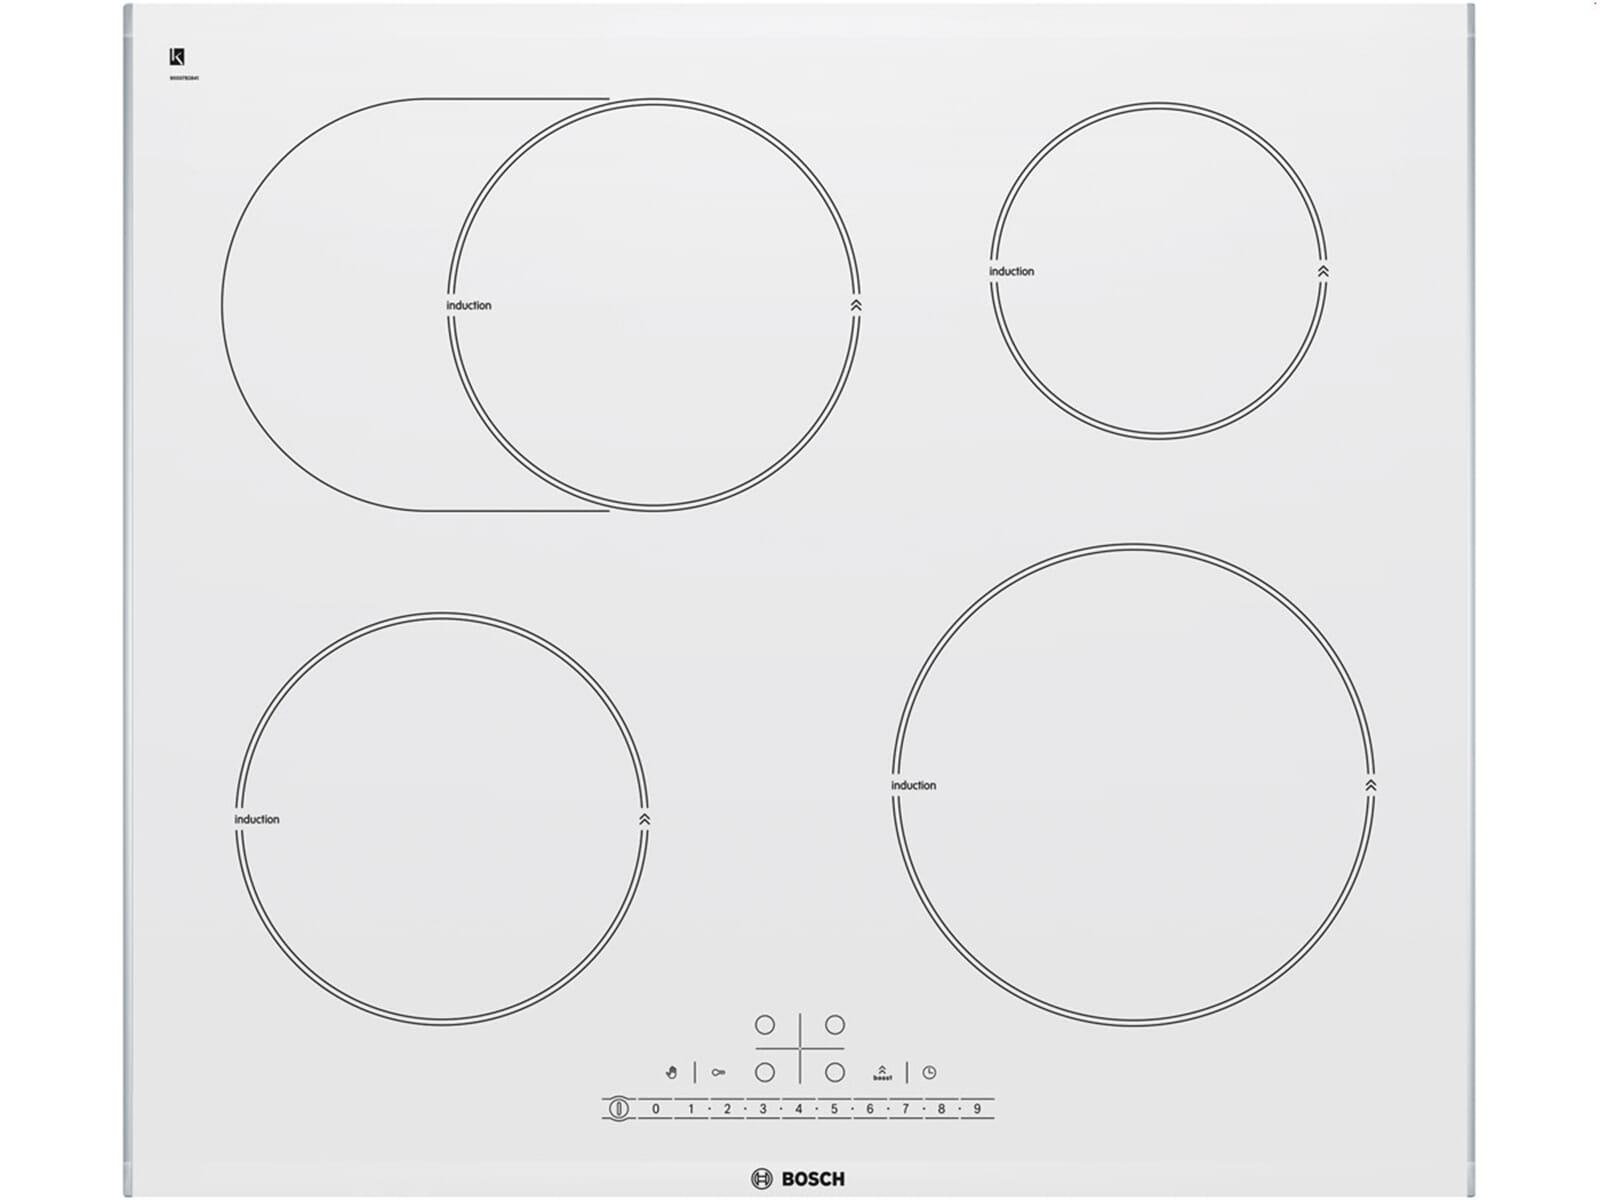 bosch pib672f17e wei induktion kochfeld autark elektro koch zone kochherd ebay. Black Bedroom Furniture Sets. Home Design Ideas